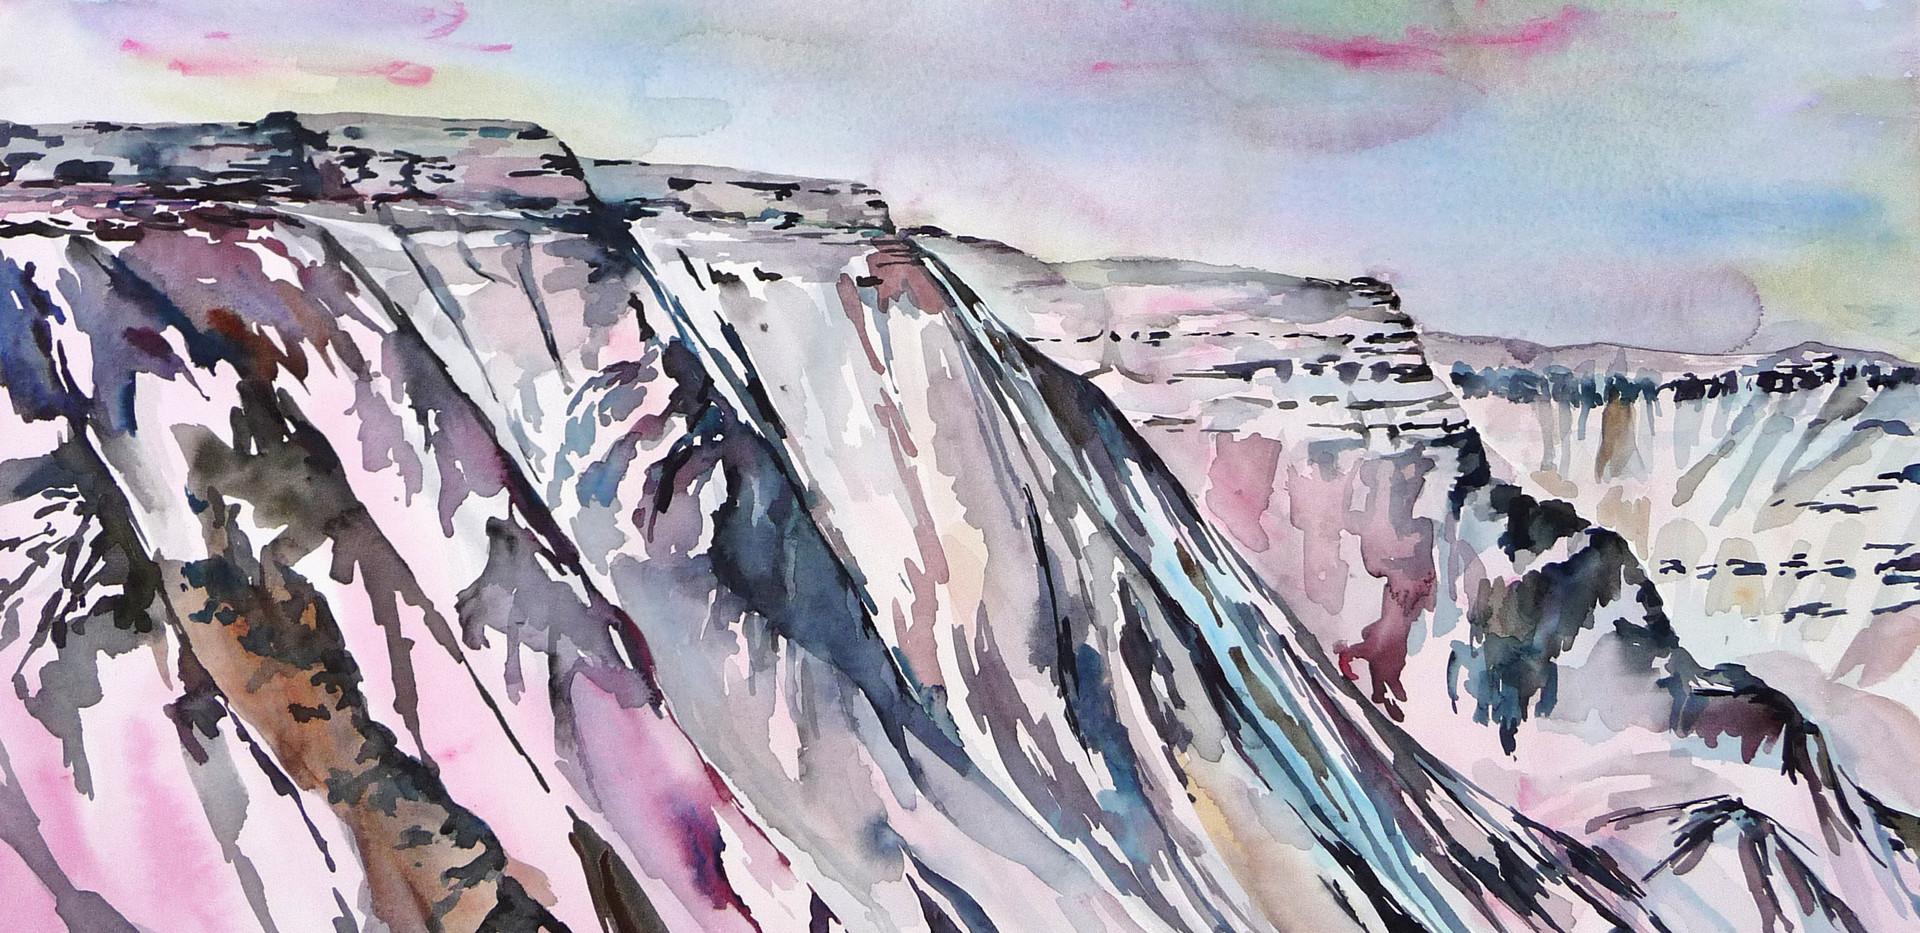 Pink Pyramiden, The Arctic